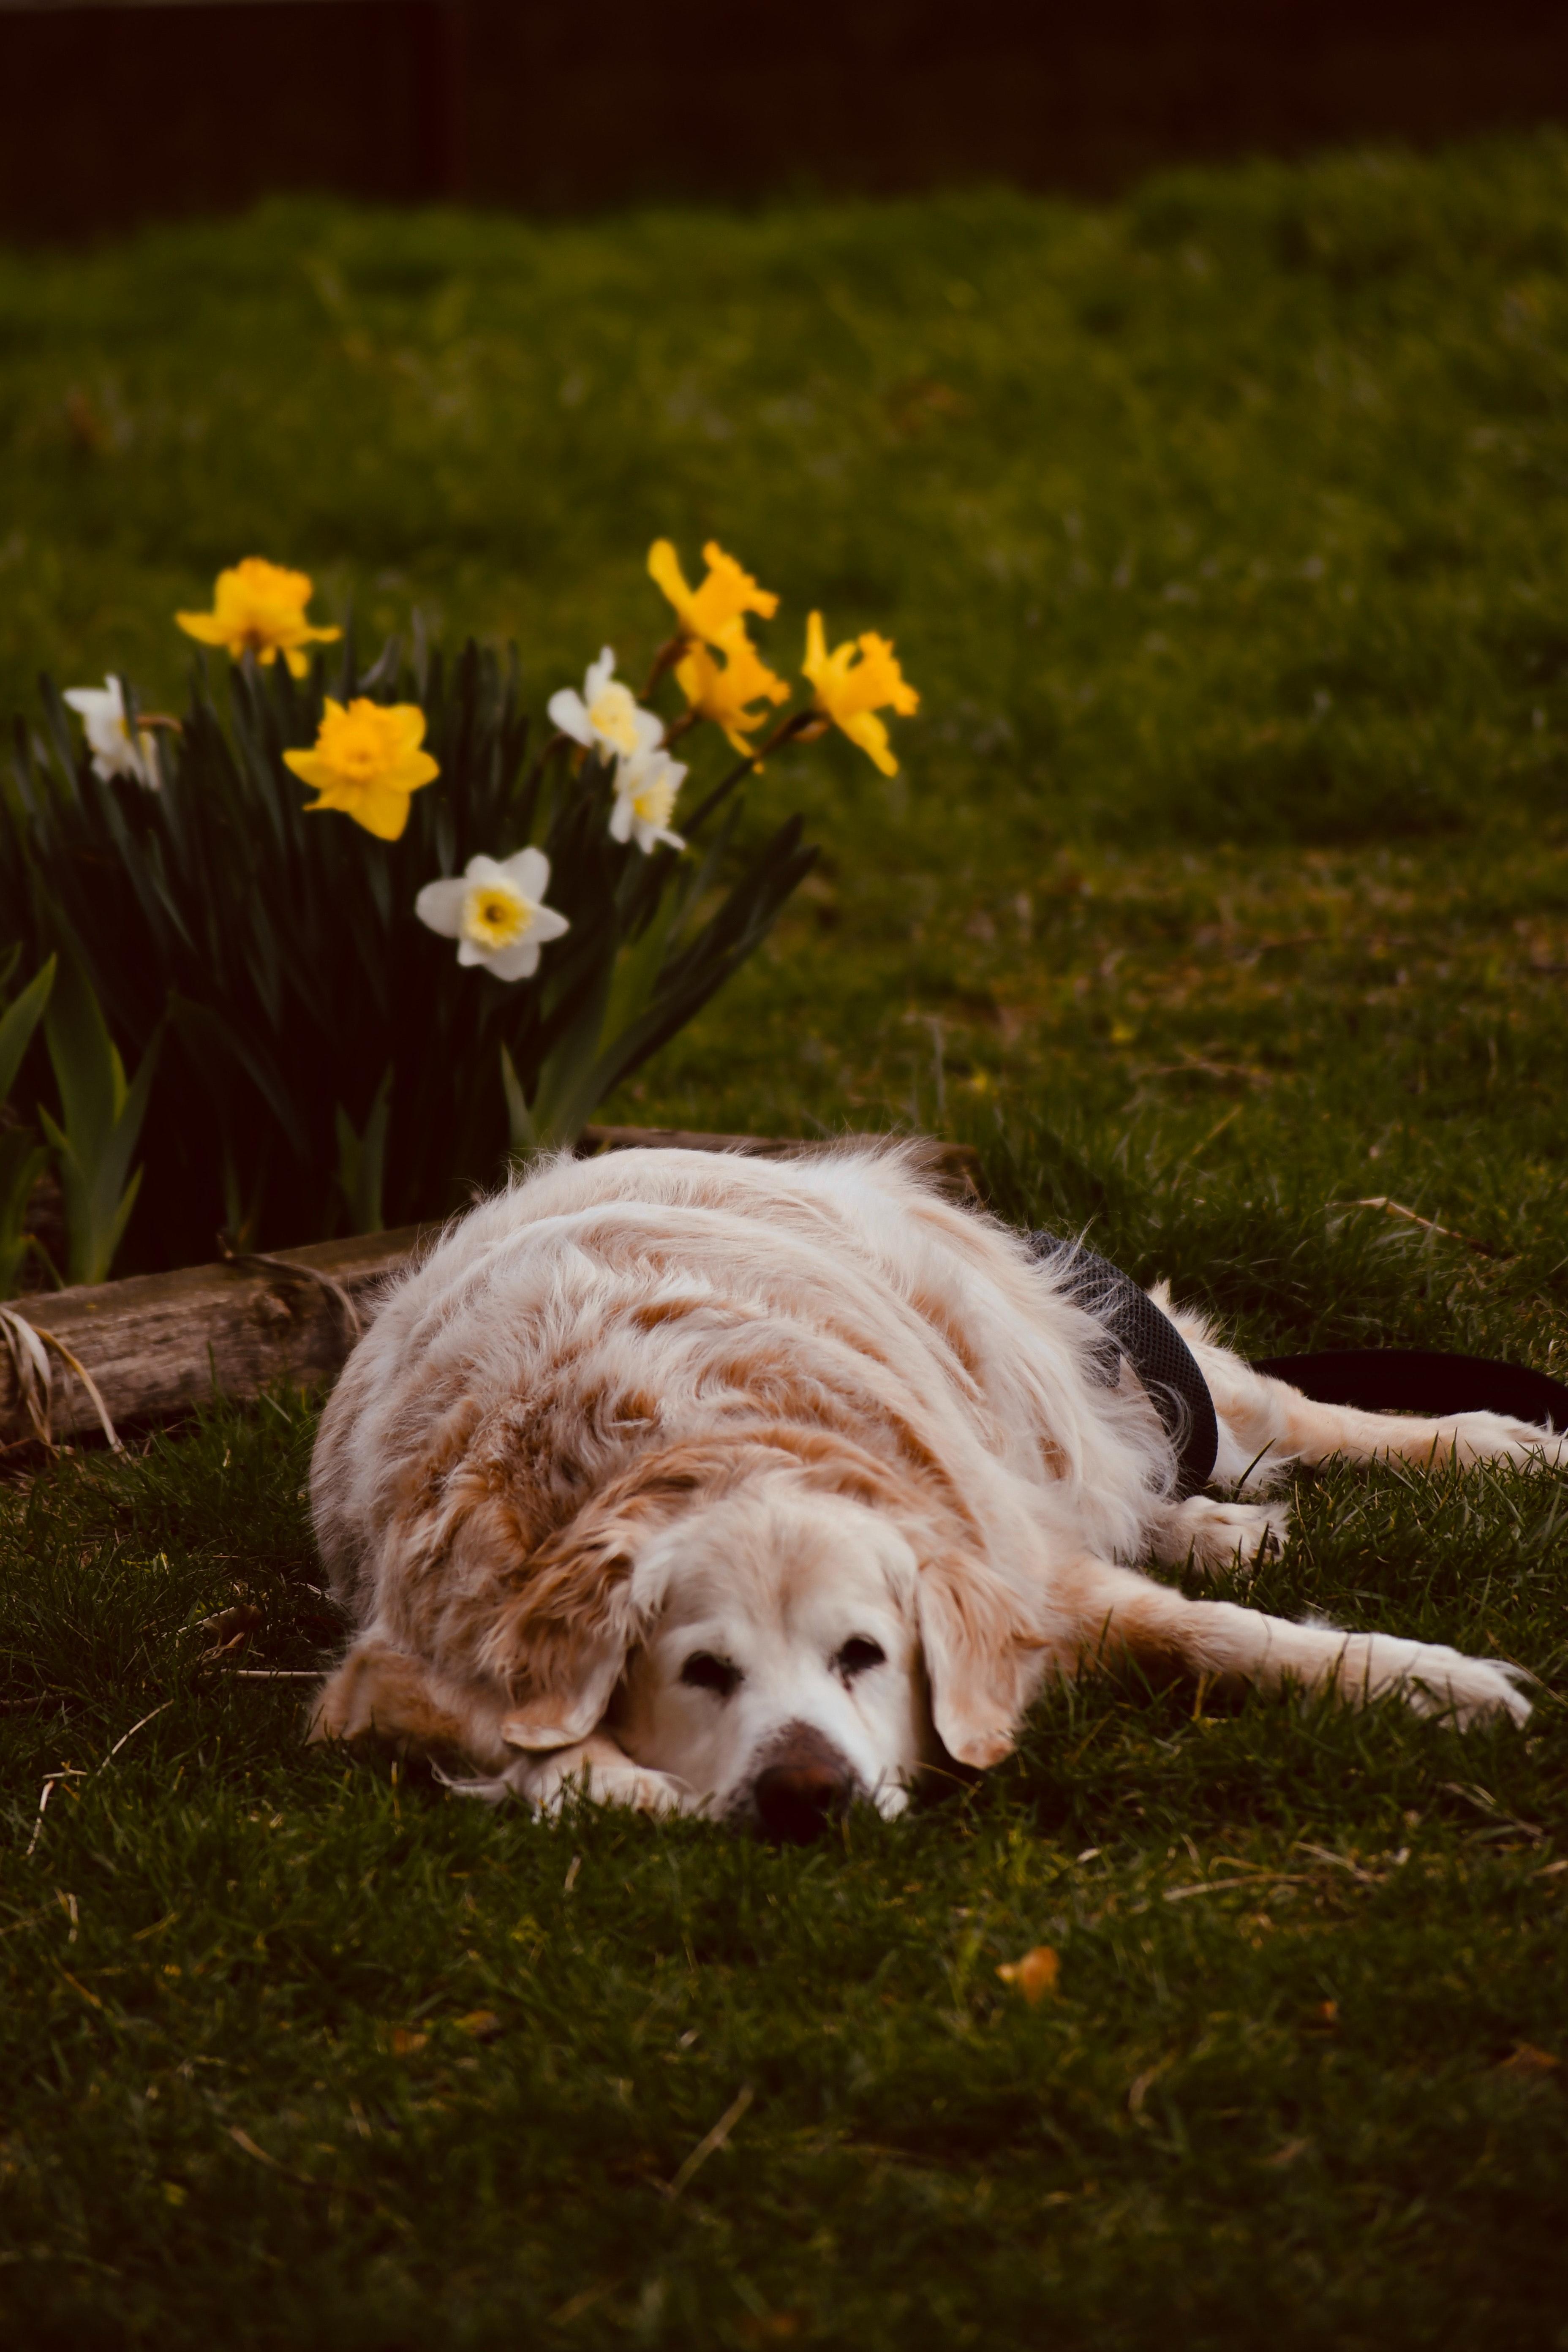 pexels ventill productions 7512239 - Problema de prostata em cães